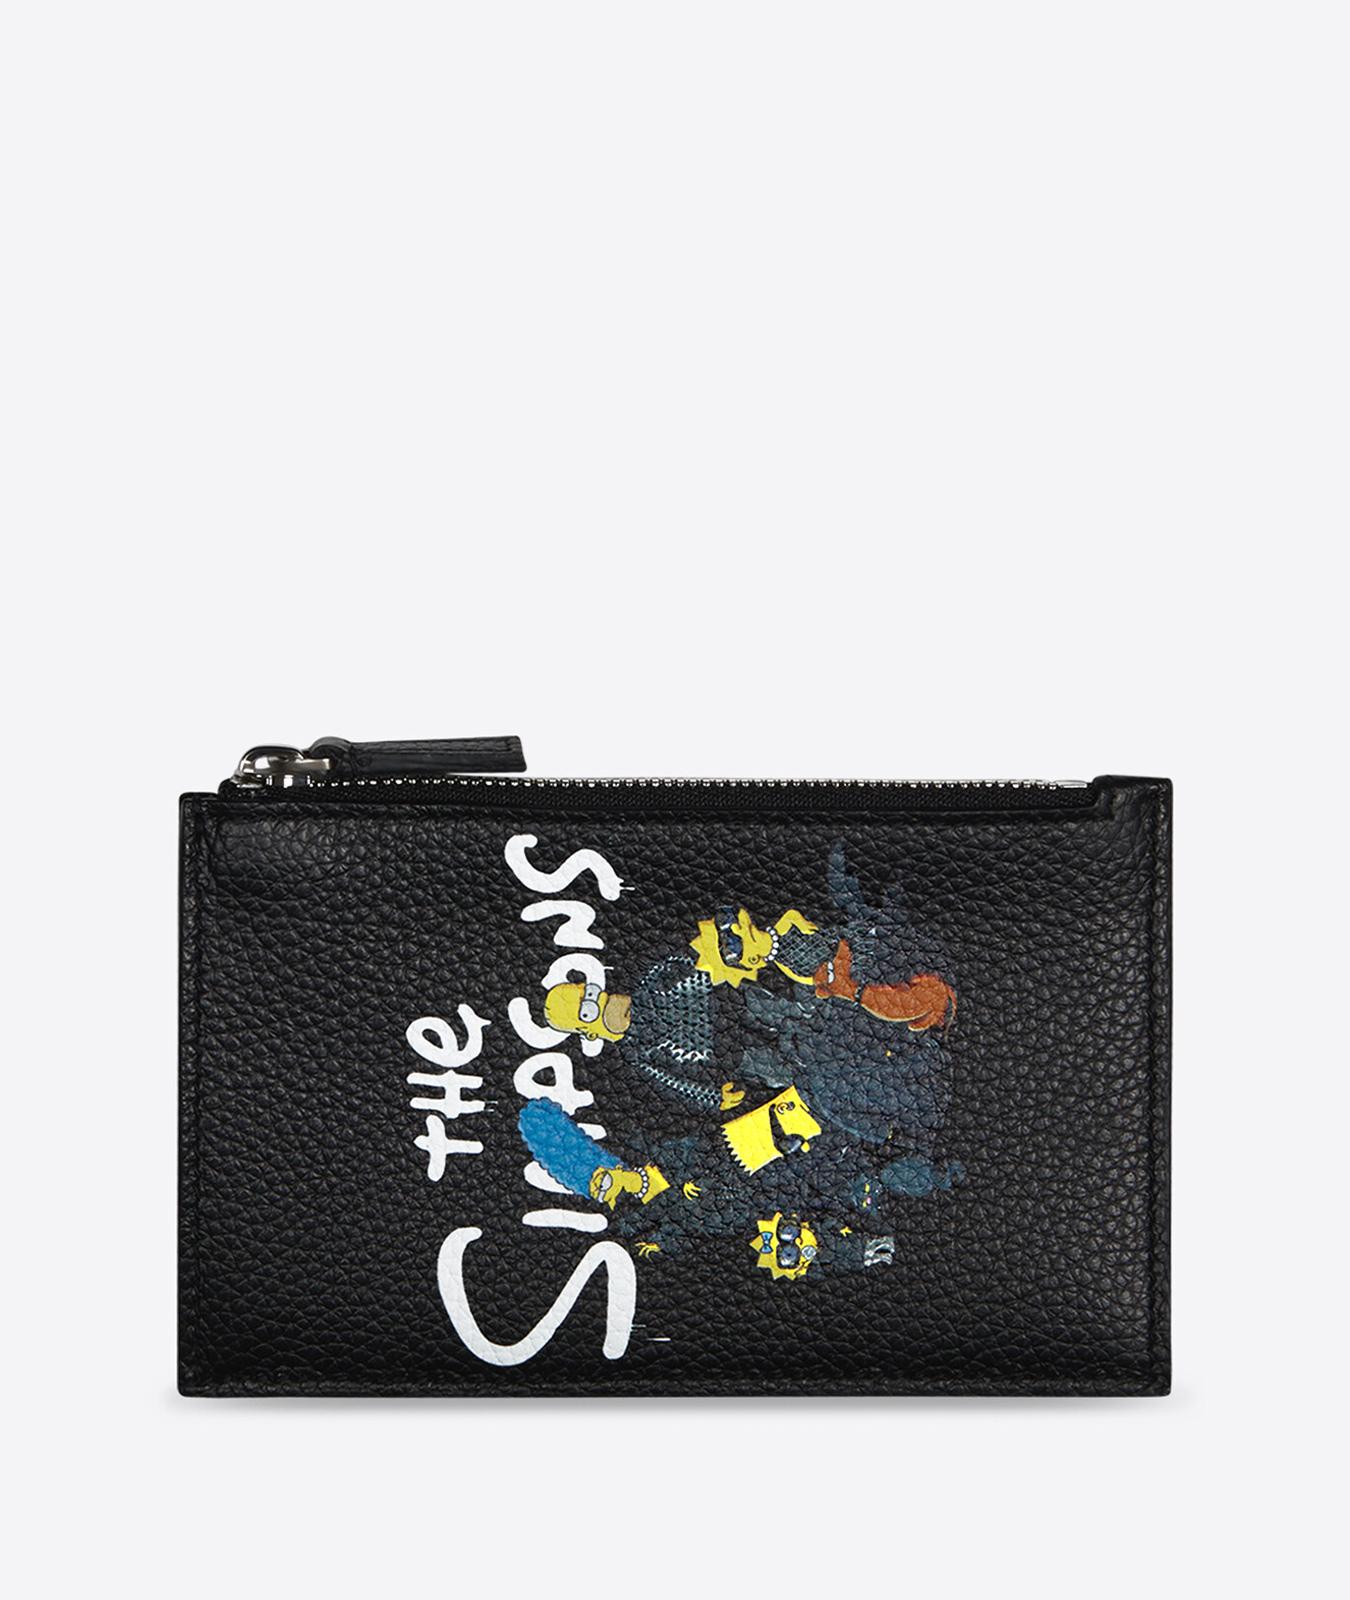 Monedero de Balenciaga x Los Simpson